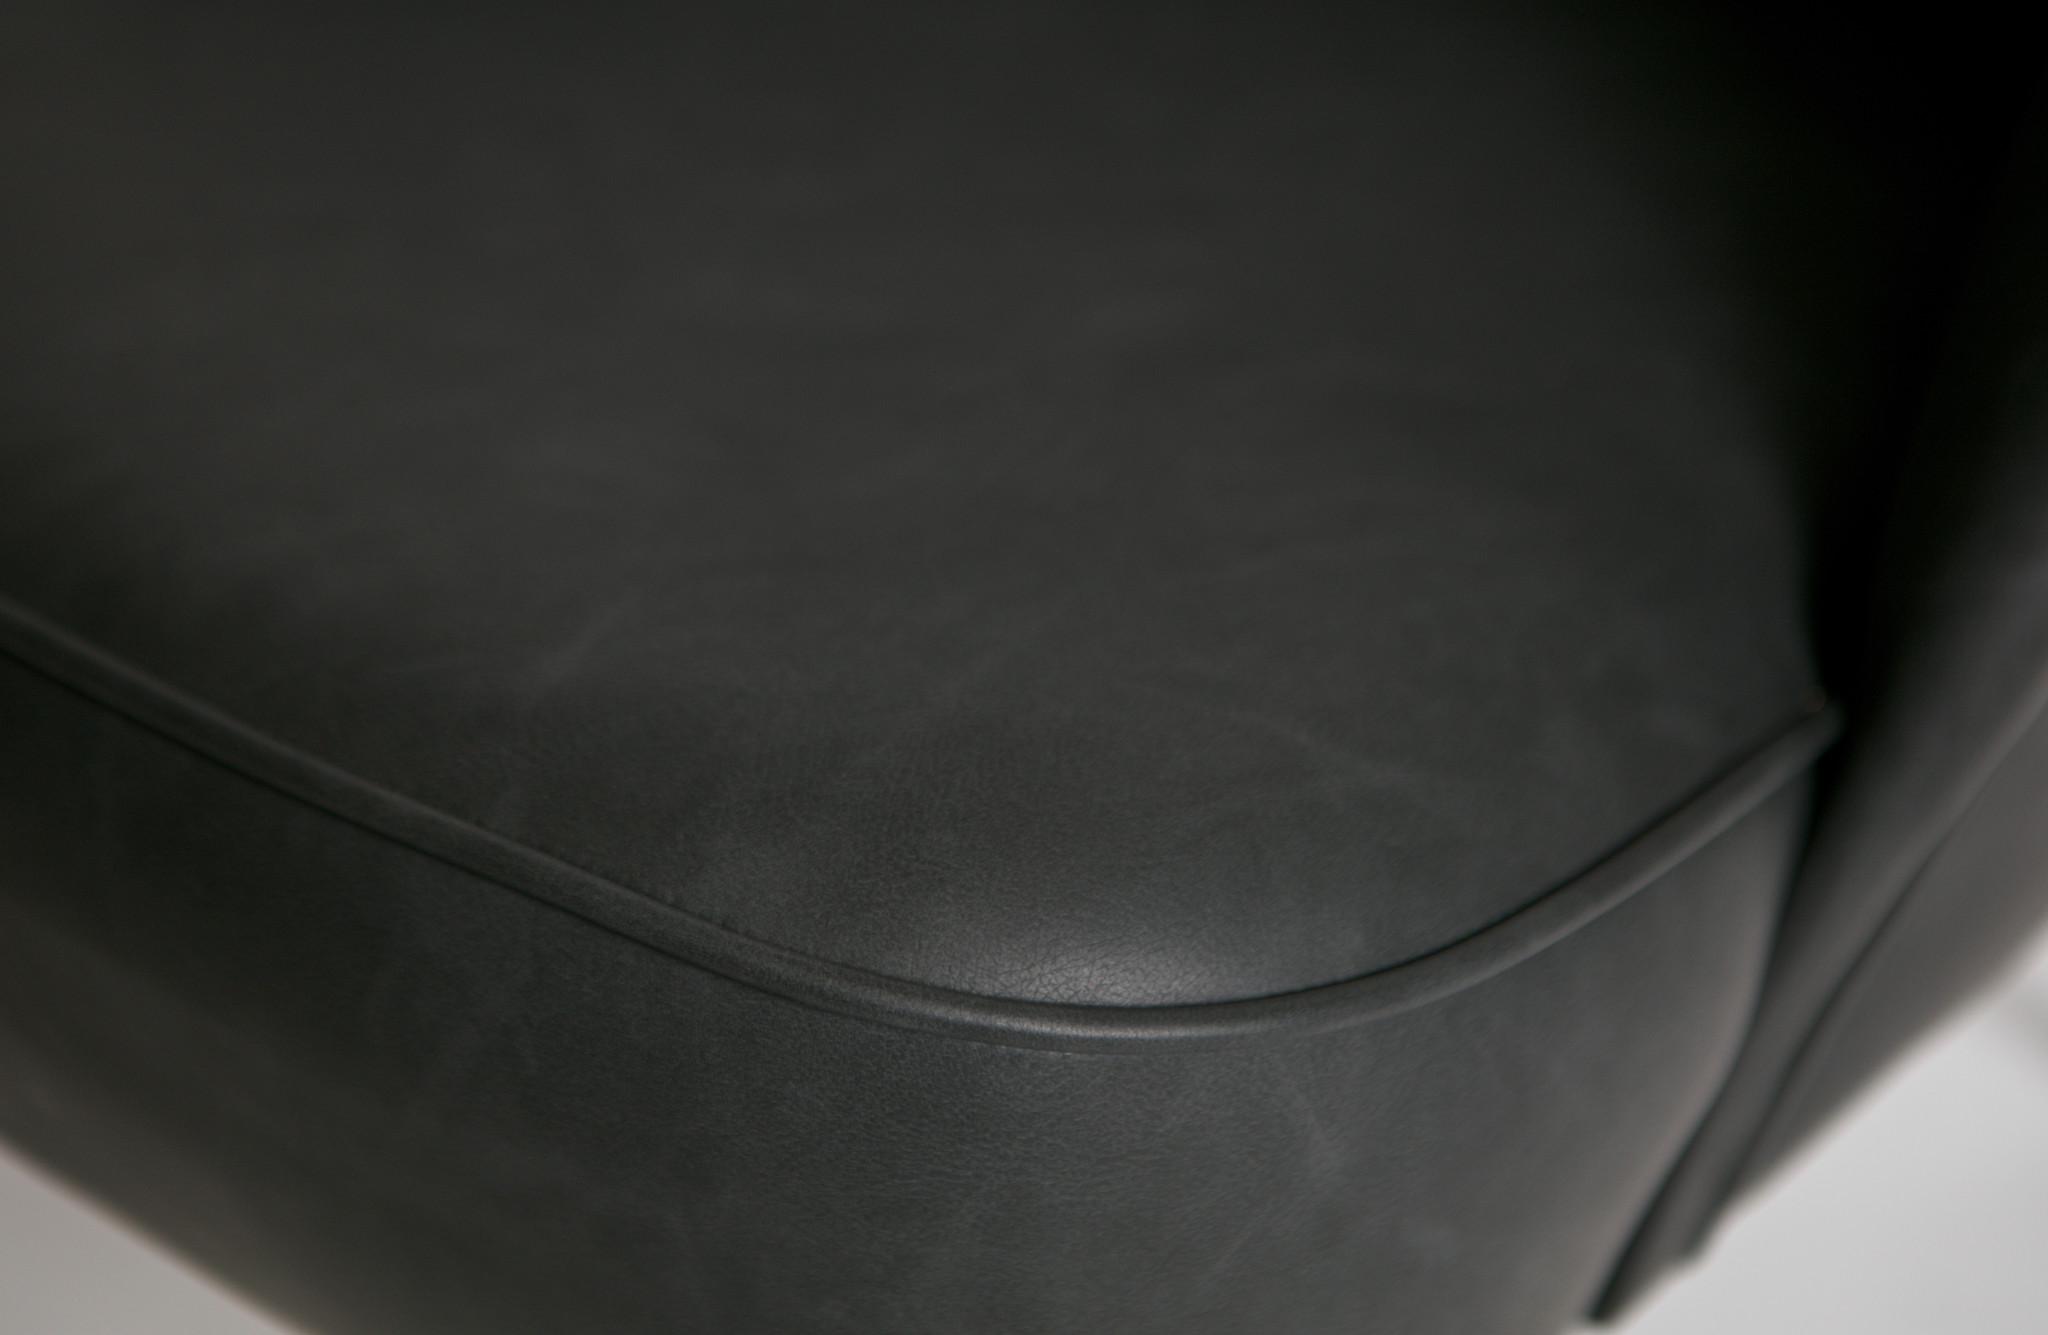 Vogue fauteuil leer zwart detail